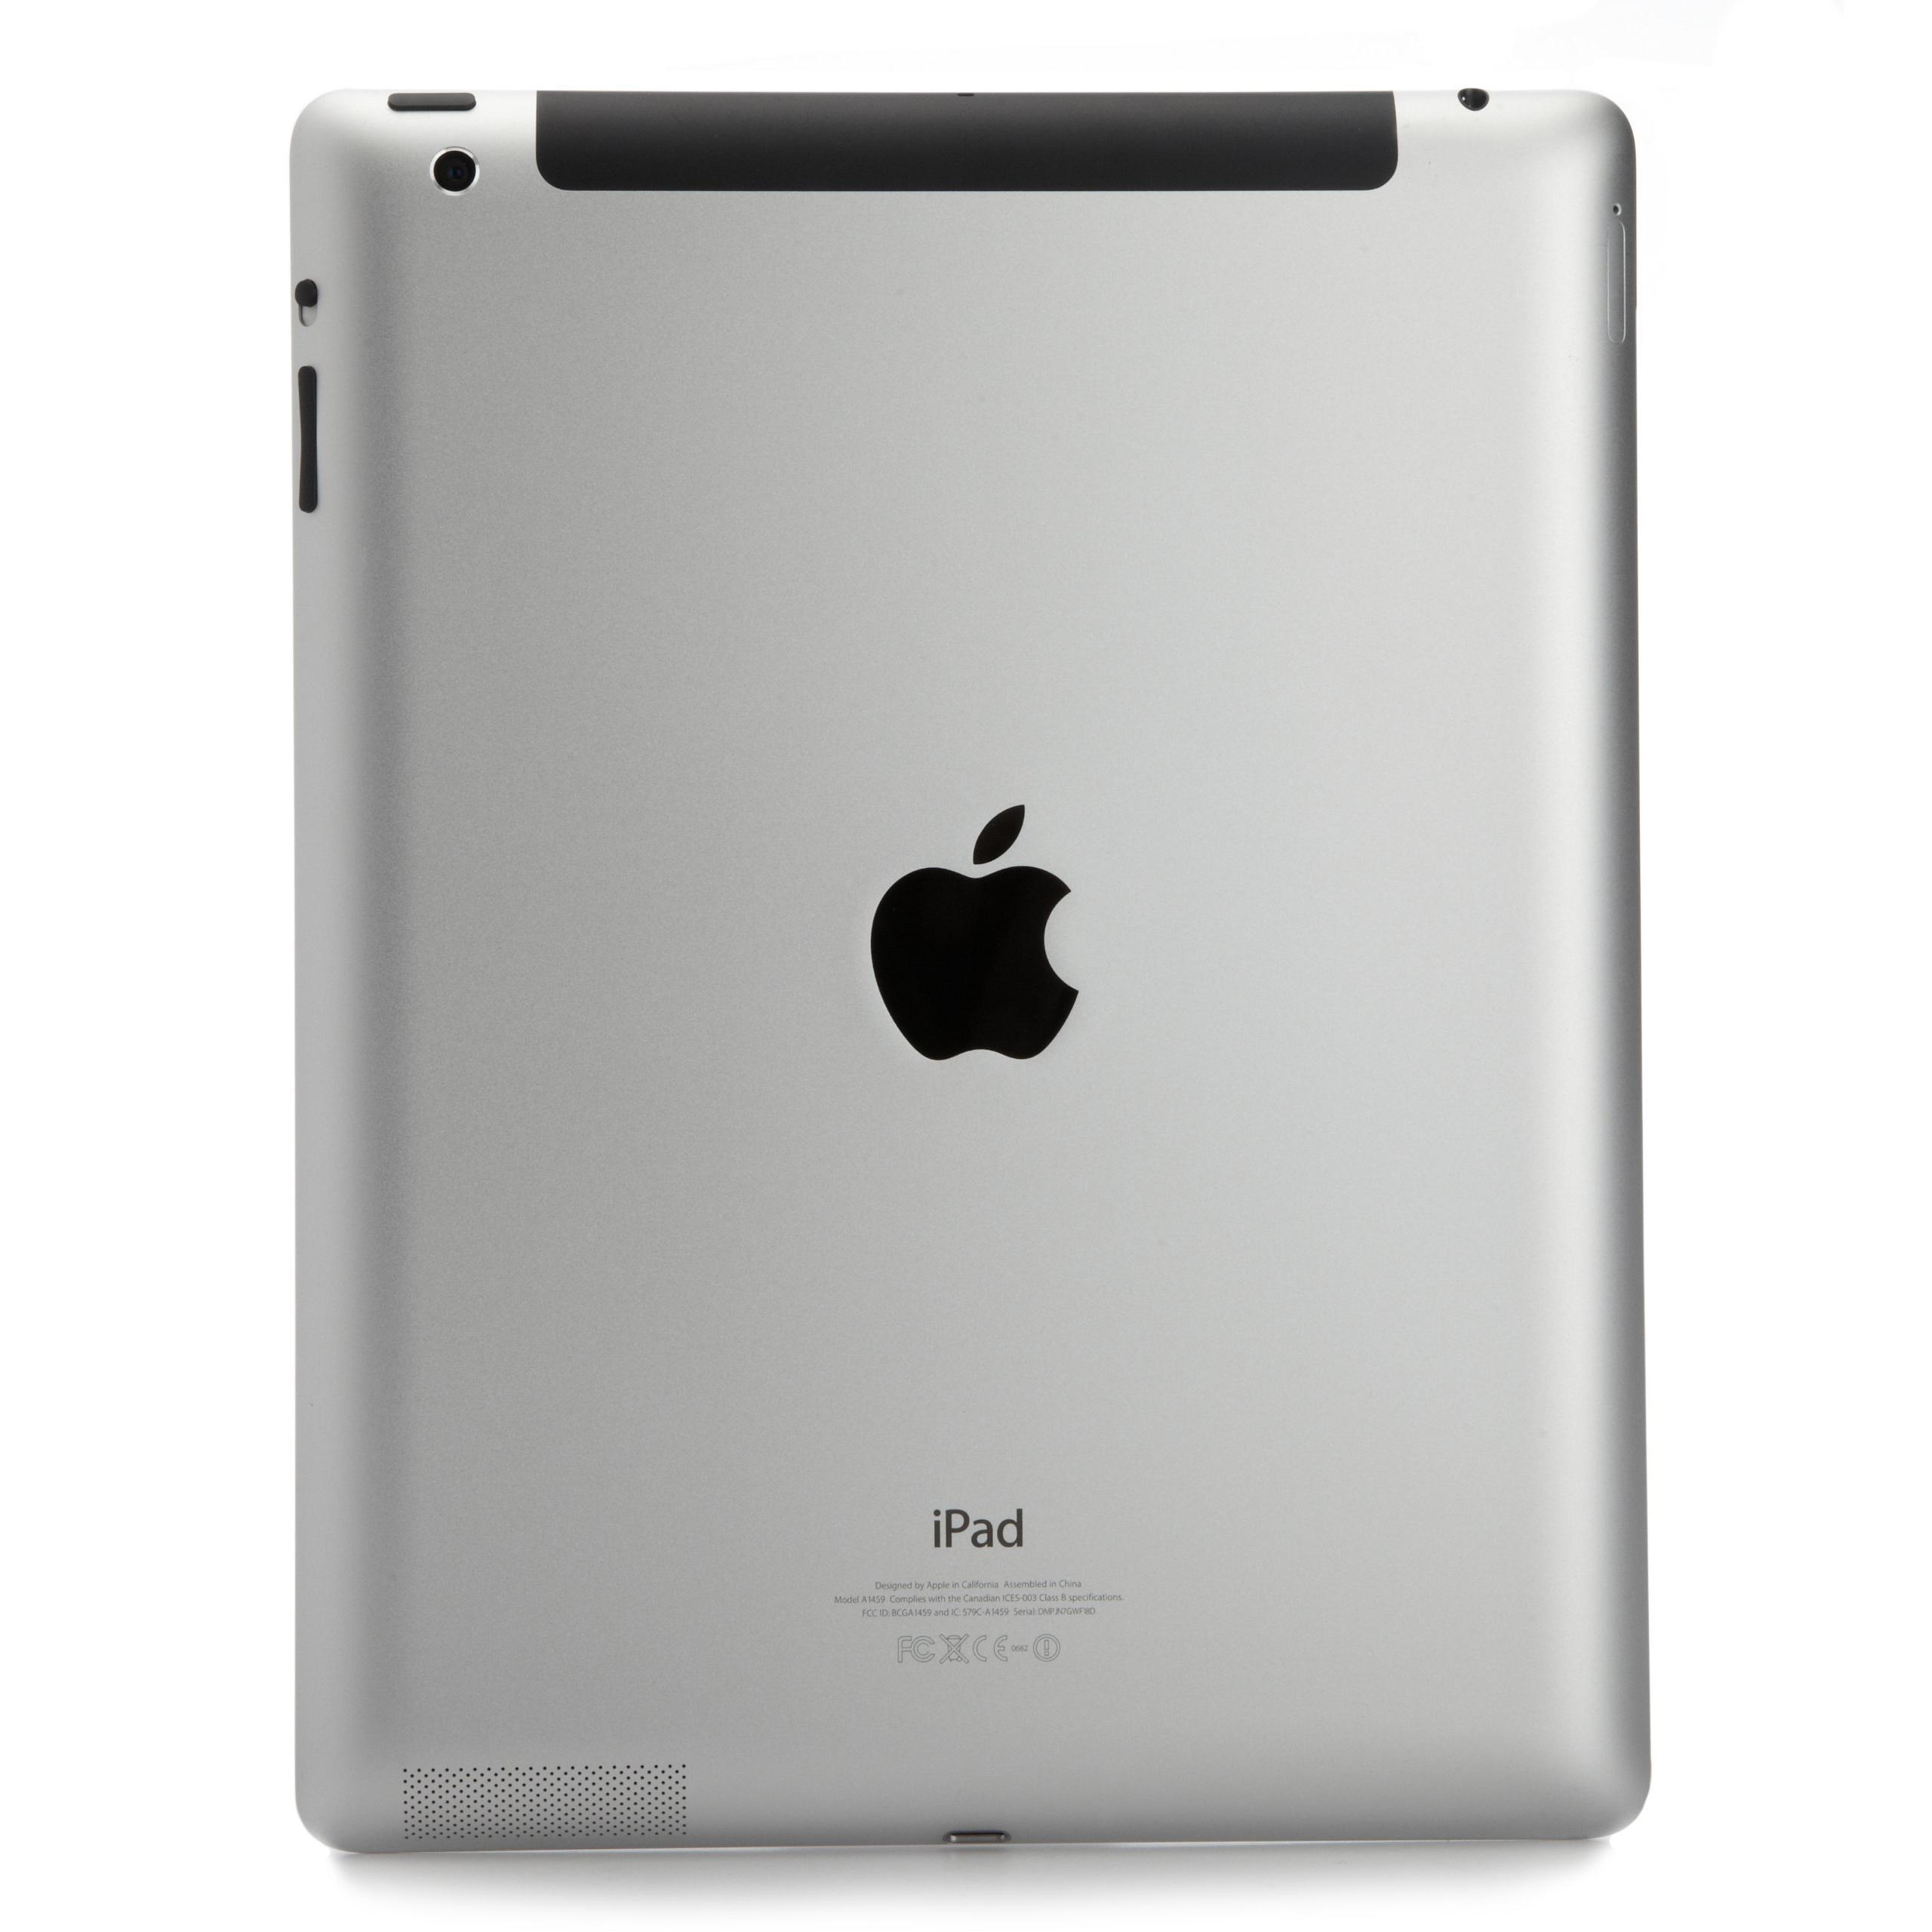 iPad 4 (2012) - WLAN + LTE